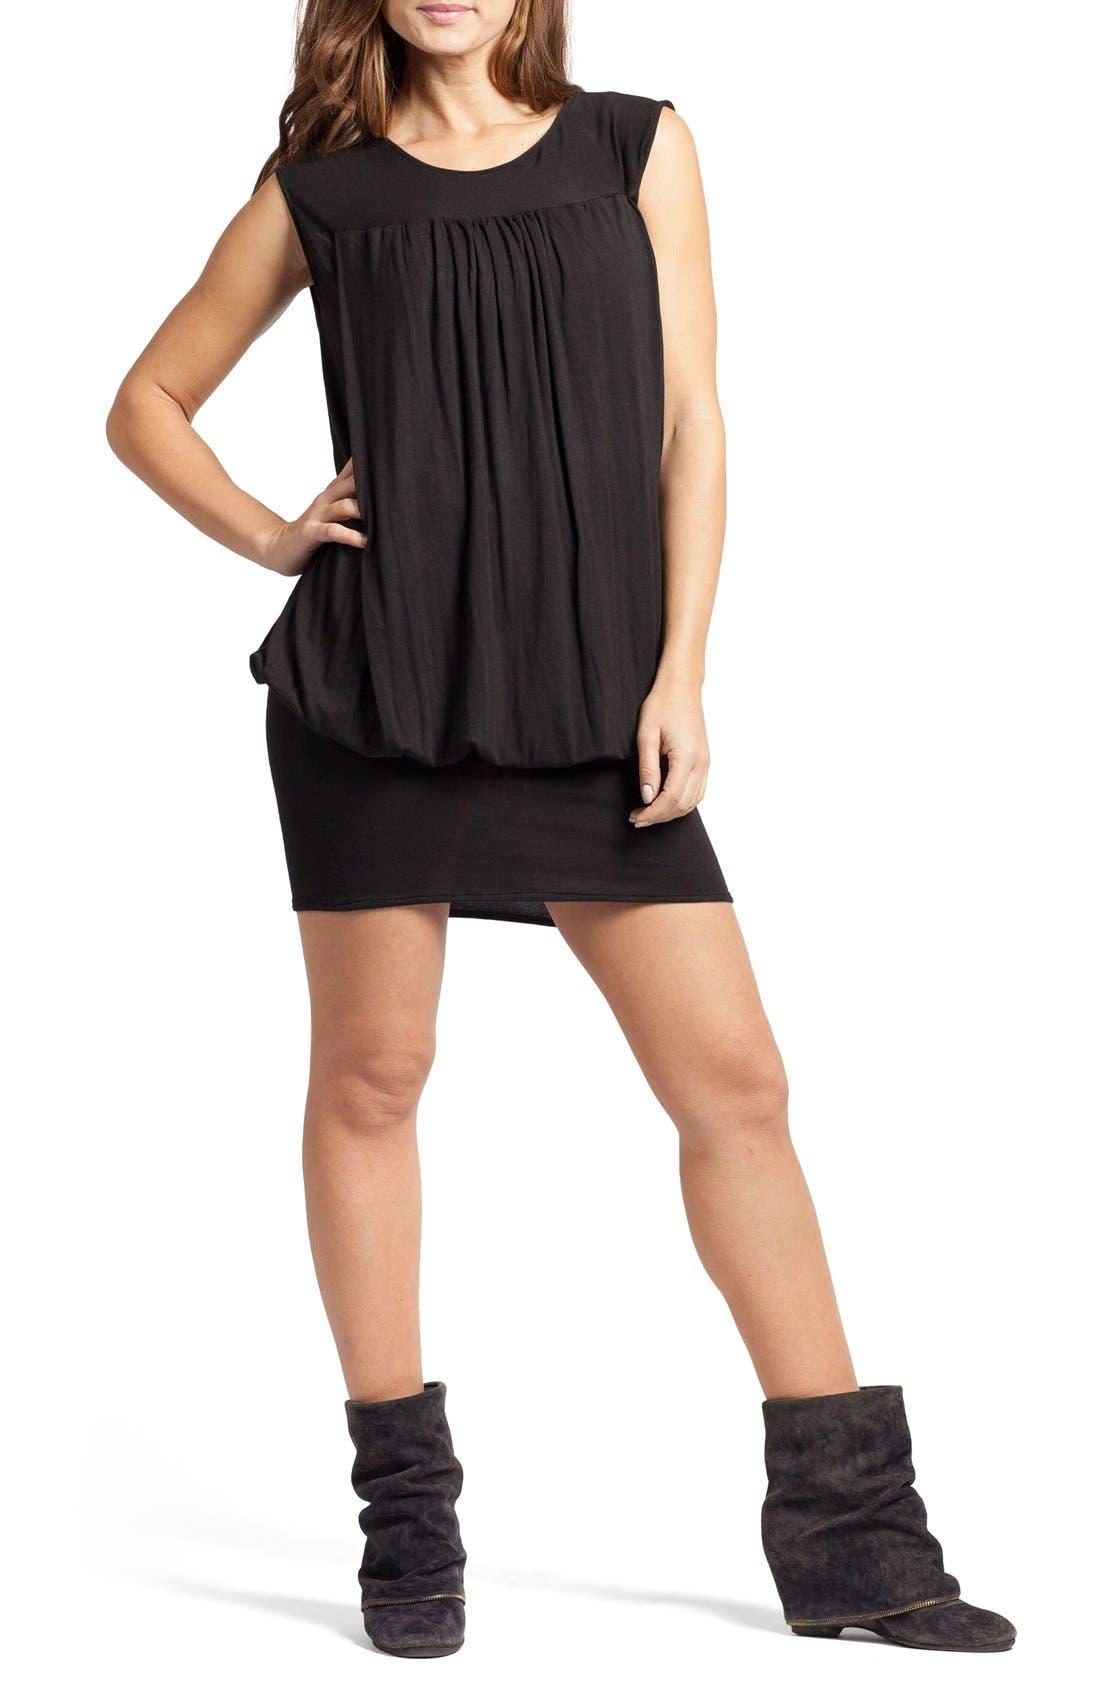 'The Little Black Tulip' Blouson Maternity/Nursing Dress,                             Main thumbnail 1, color,                             Black